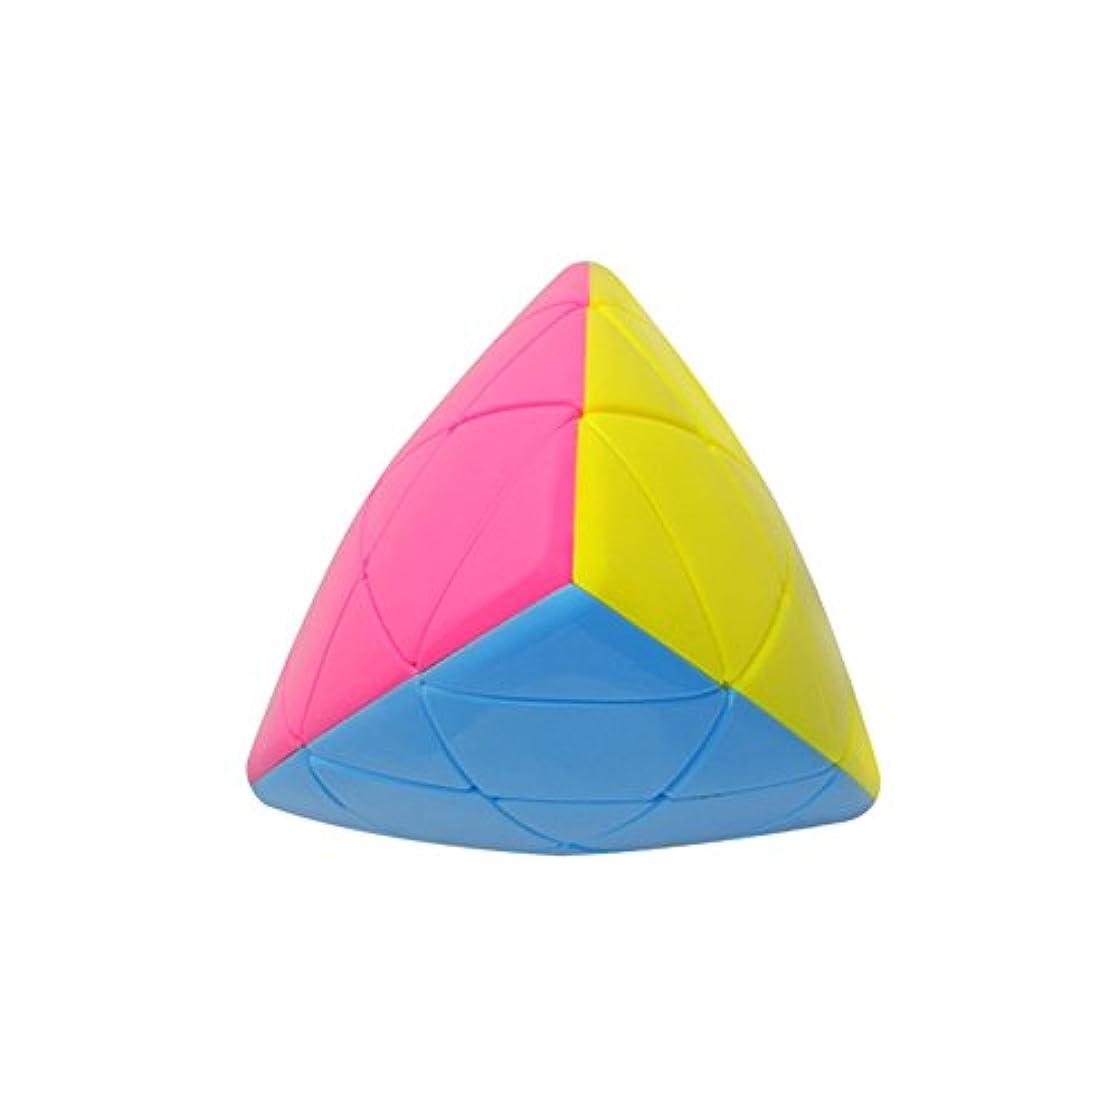 がんばり続ける震える過ちQiyunポケットキューブ2 x 2 Skewbポケットキューブ2層4面体パズルキューブBrain Teaserマジックキューブ